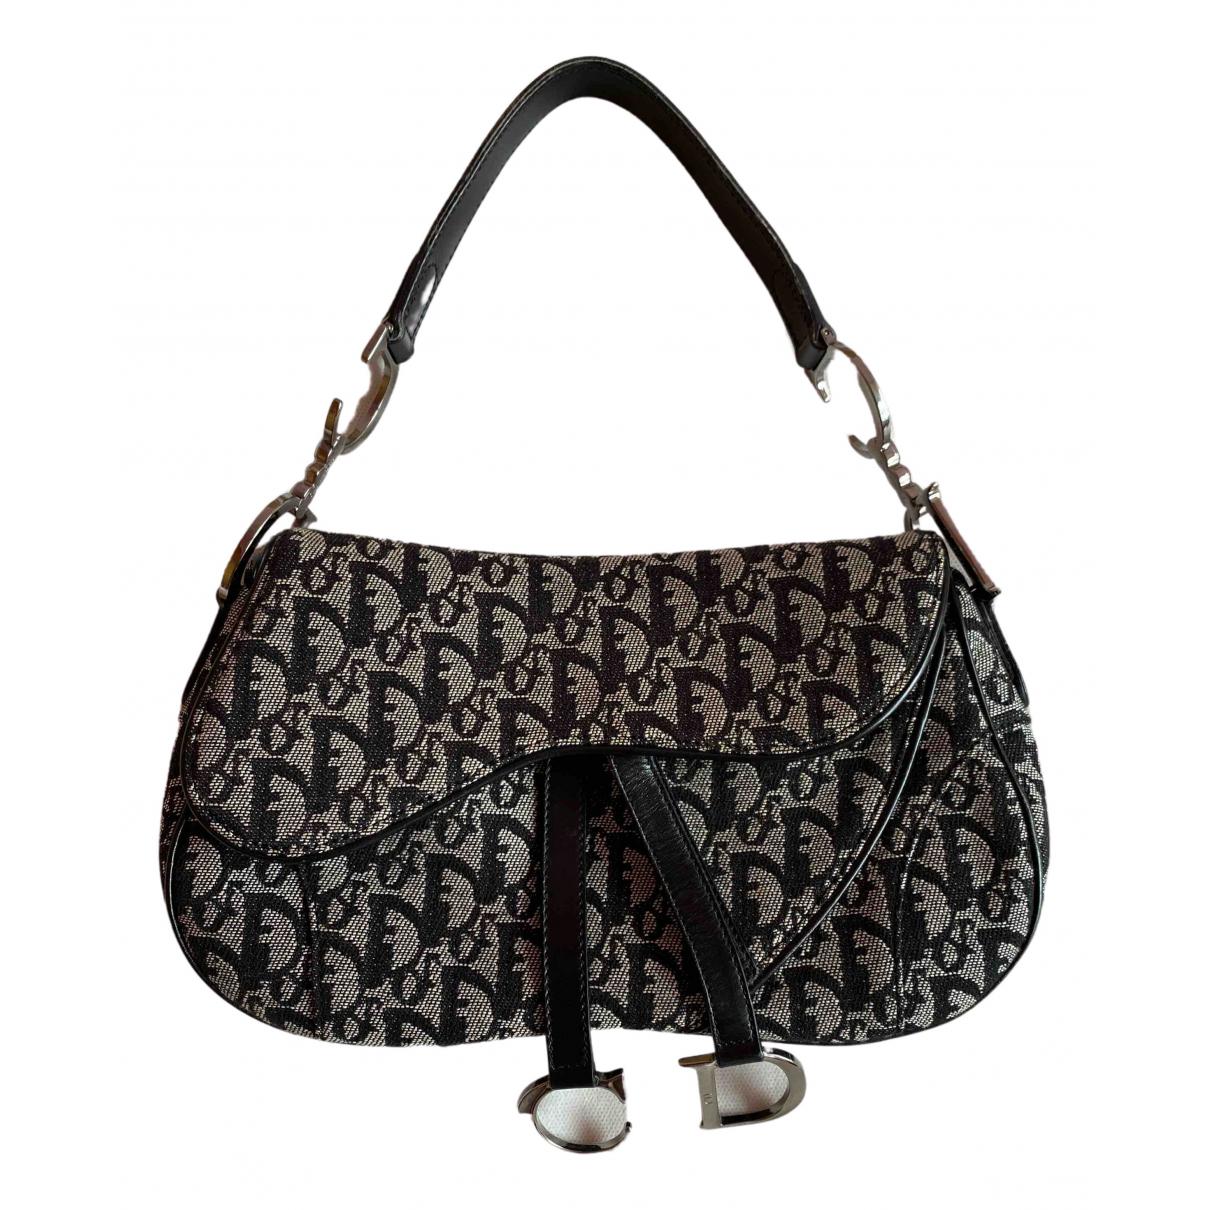 Dior - Sac a main Saddle pour femme en denim - noir